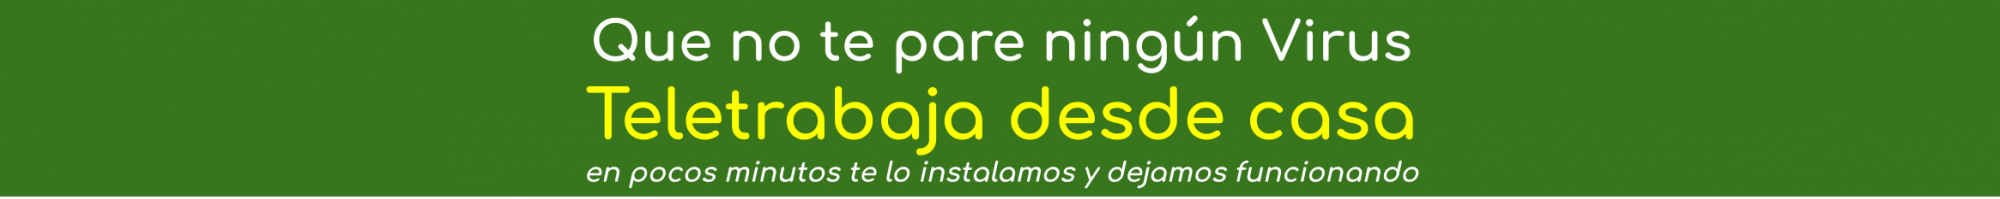 CiTiDATA software y servicios informáticos